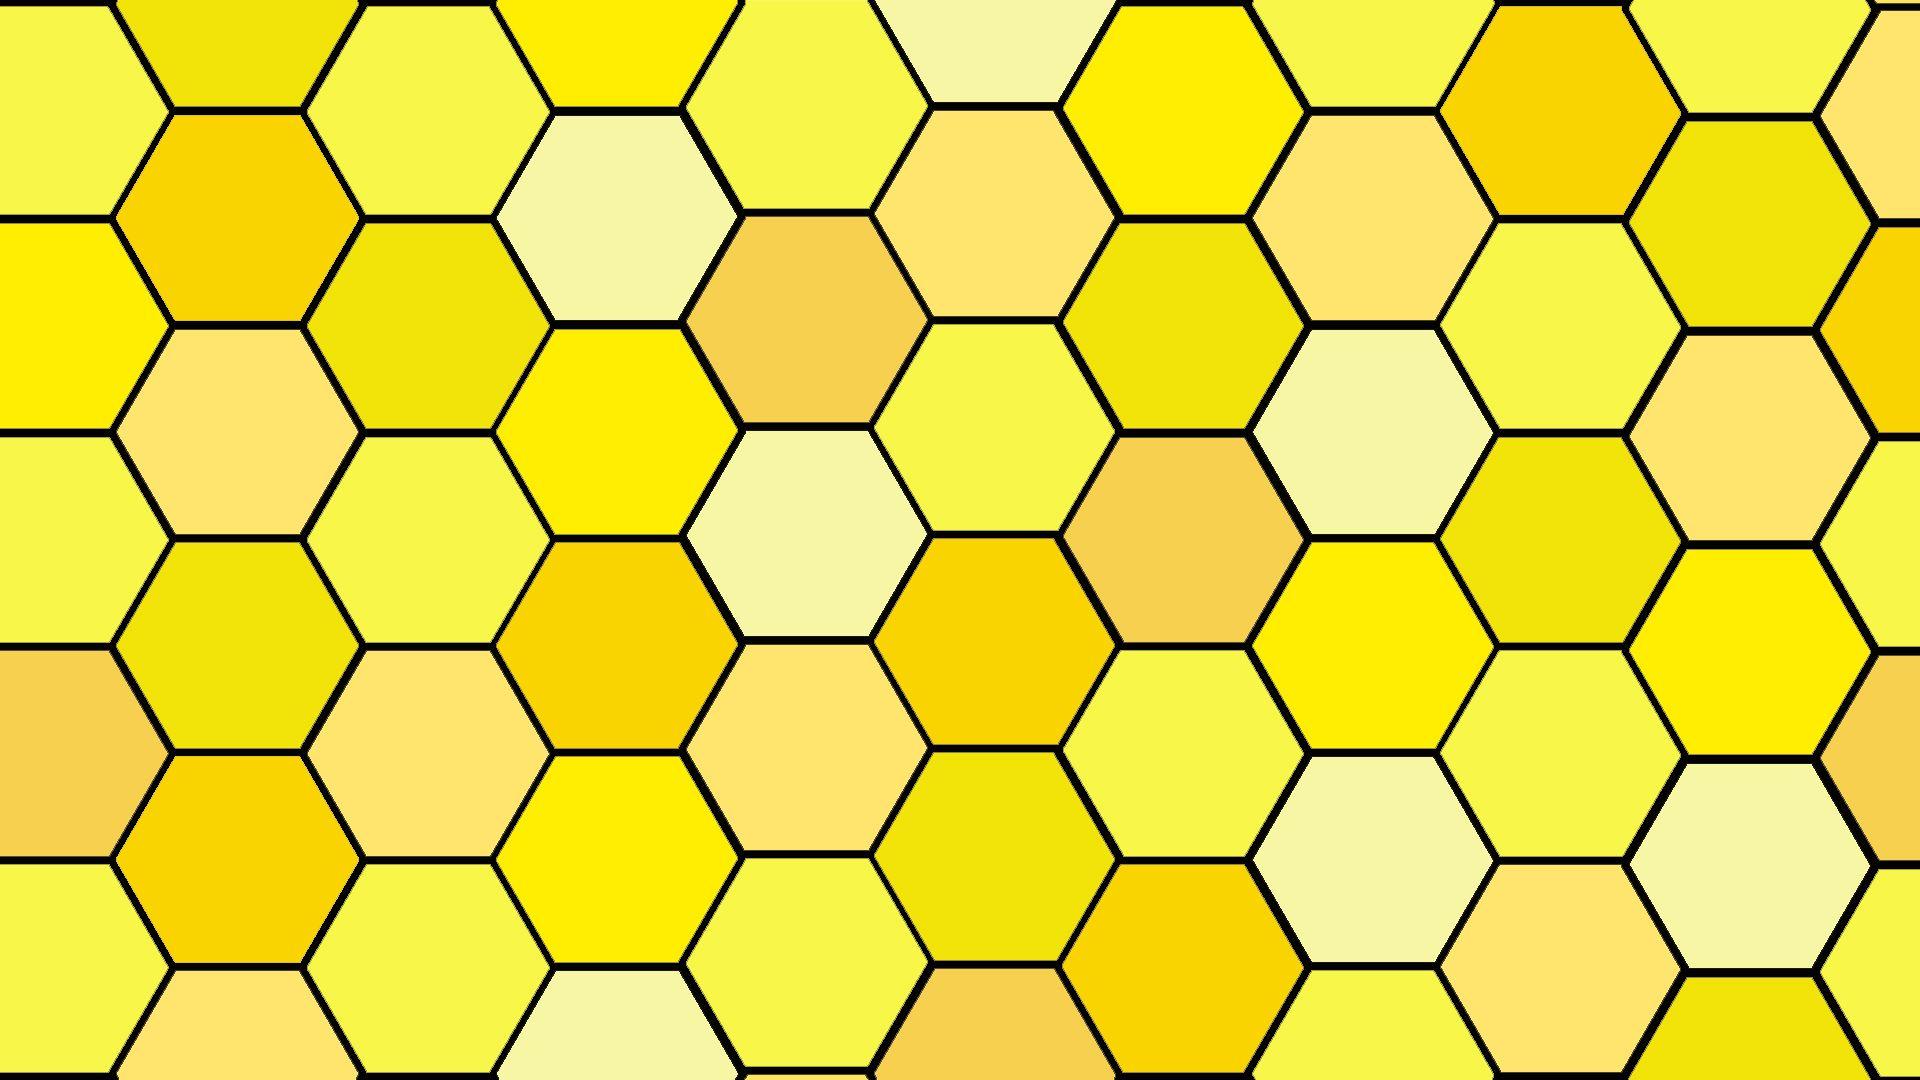 Yellow Honeycomb Desktop Wallpaper Aesthetic Desktop Wallpaper Yellow Wallpaper Wallpaper